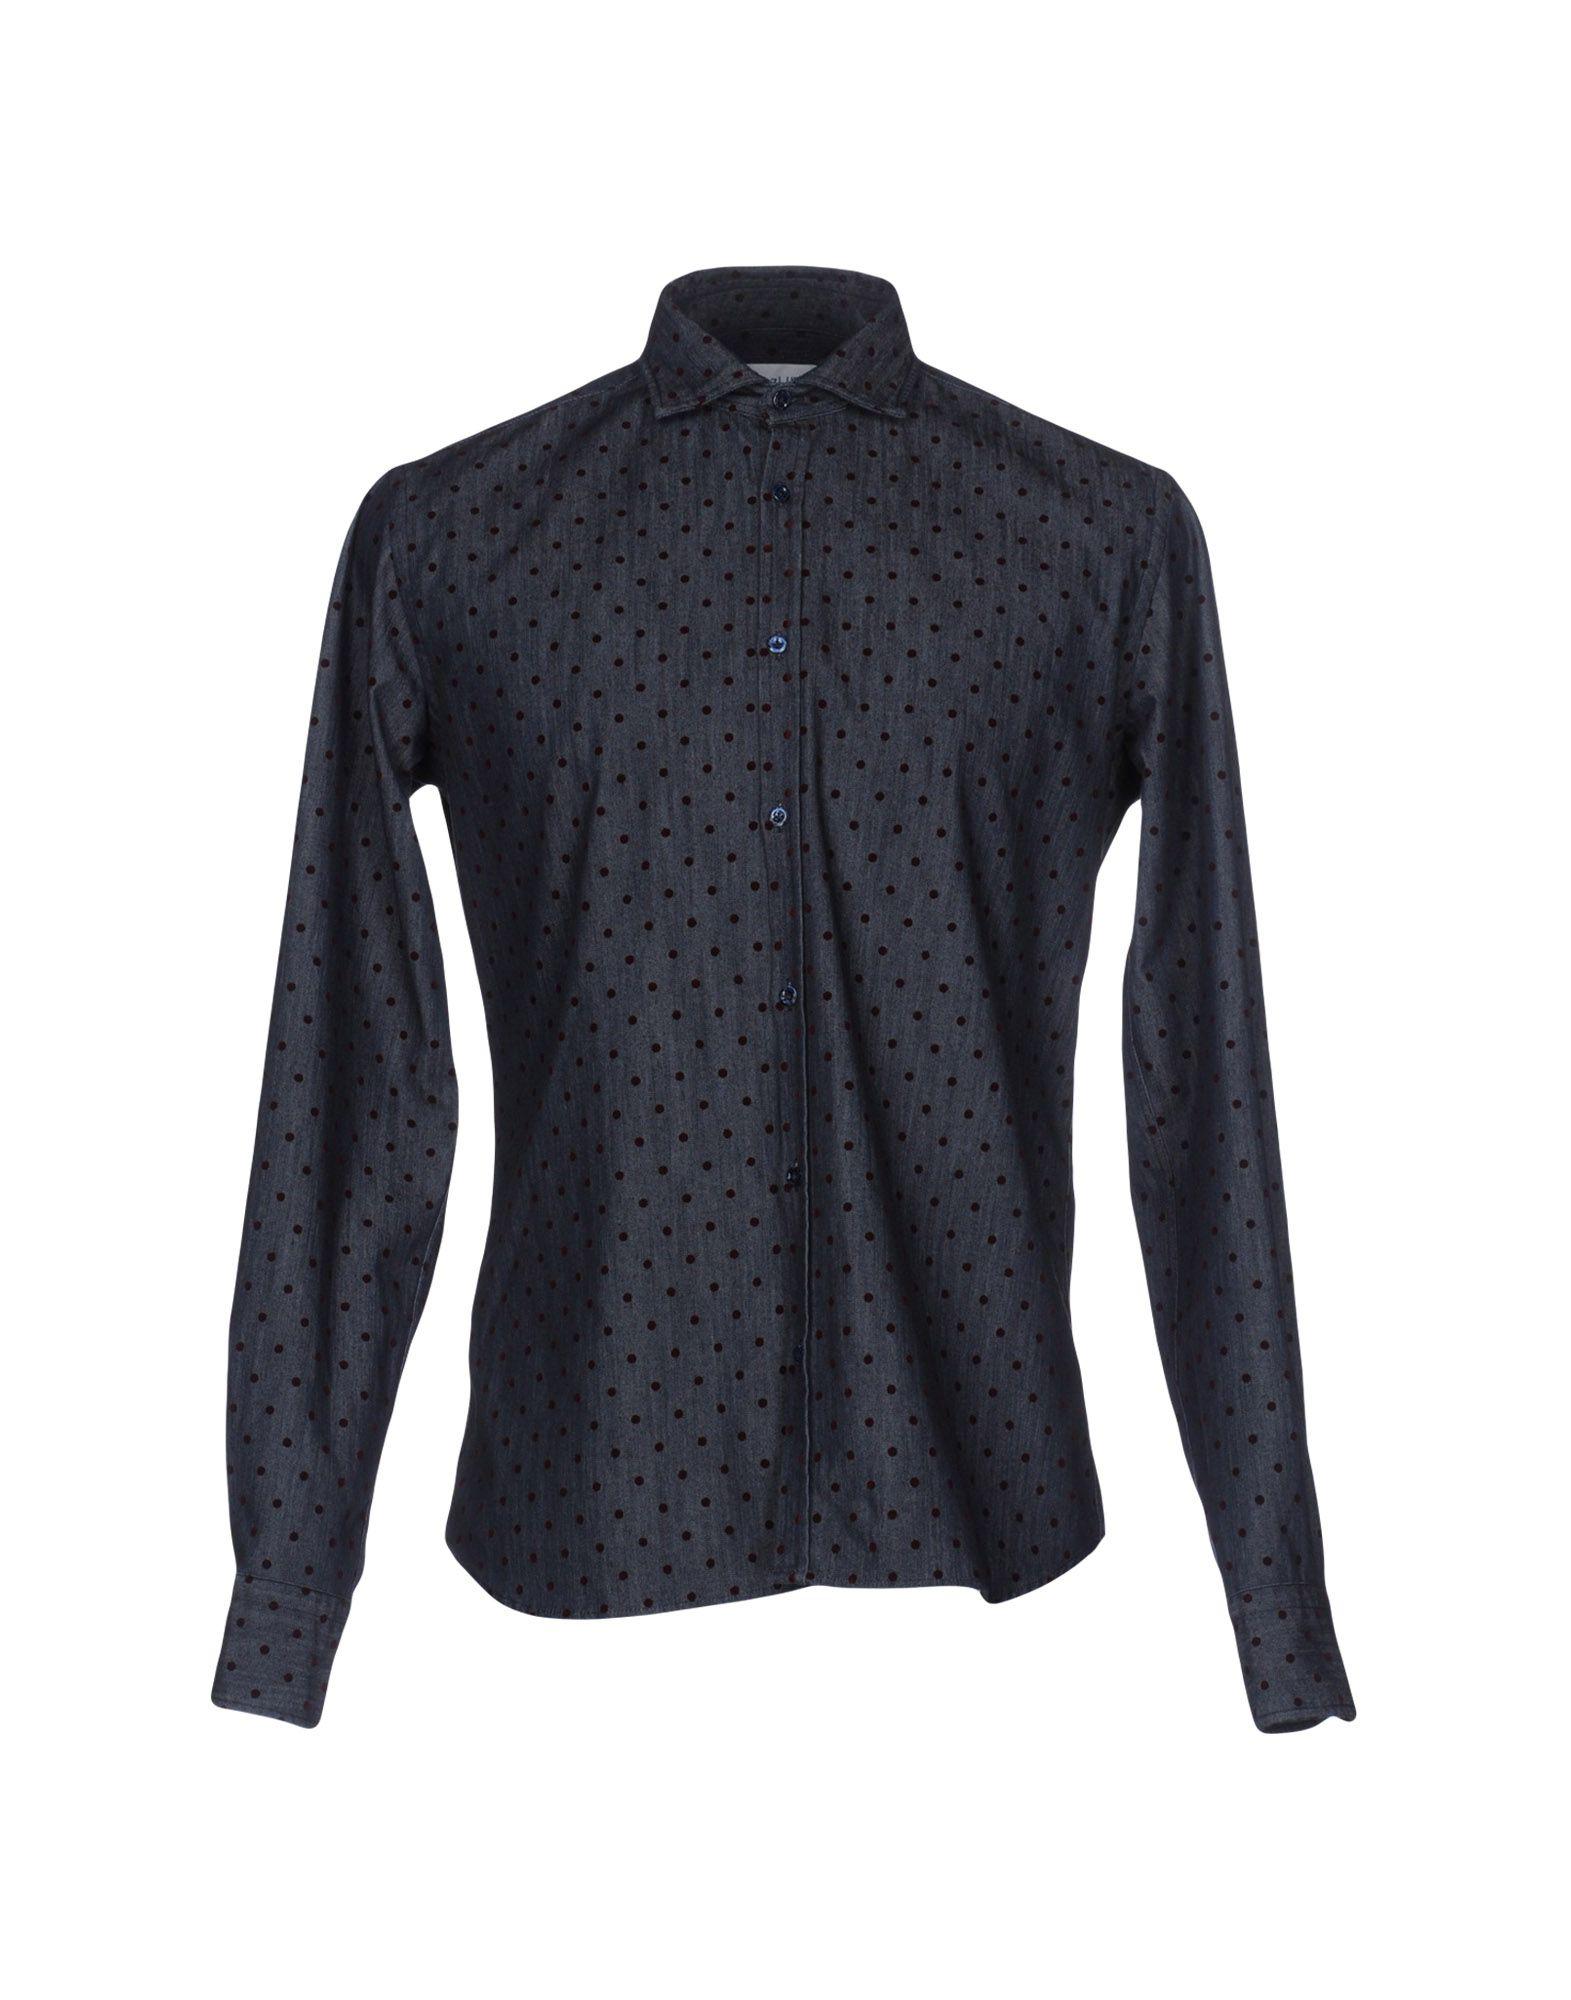 AGLINI Джинсовая рубашка рубашка в мелкий горошек